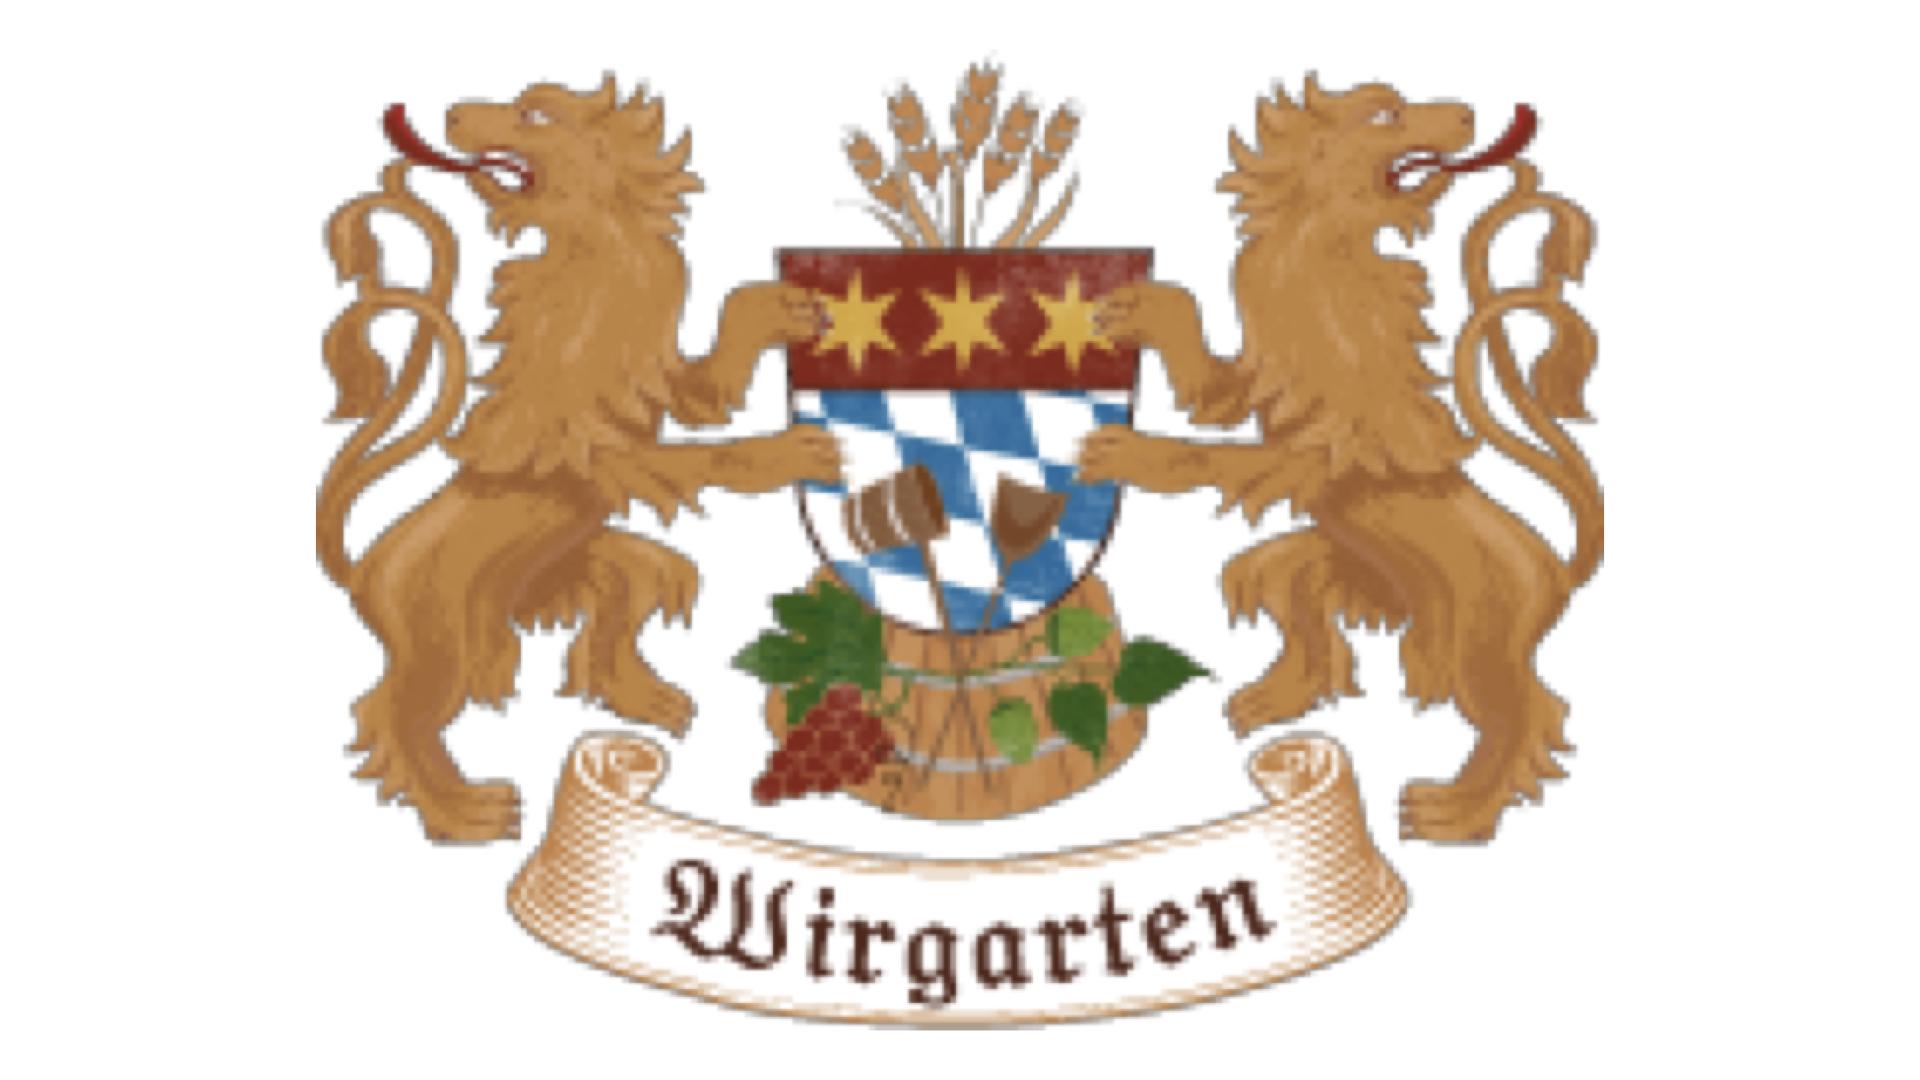 Wirgarten Dingolfing